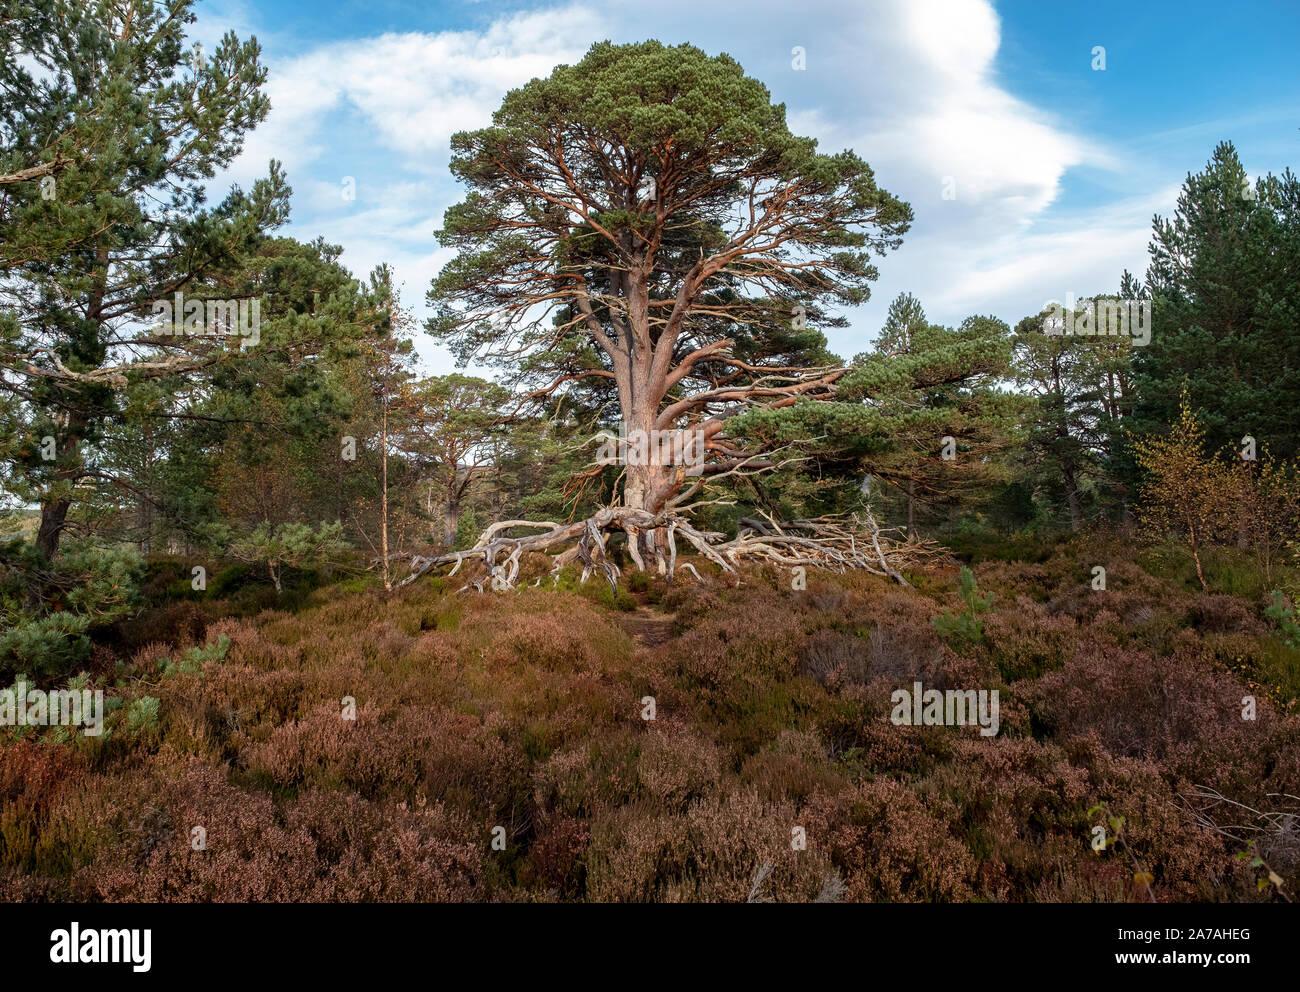 Pino escocés (Pinus sylvestris) en páramos de brezo en el Parque Nacional Cairngorms, Badenoch y Strathspey, Escocia, Reino Unido Foto de stock